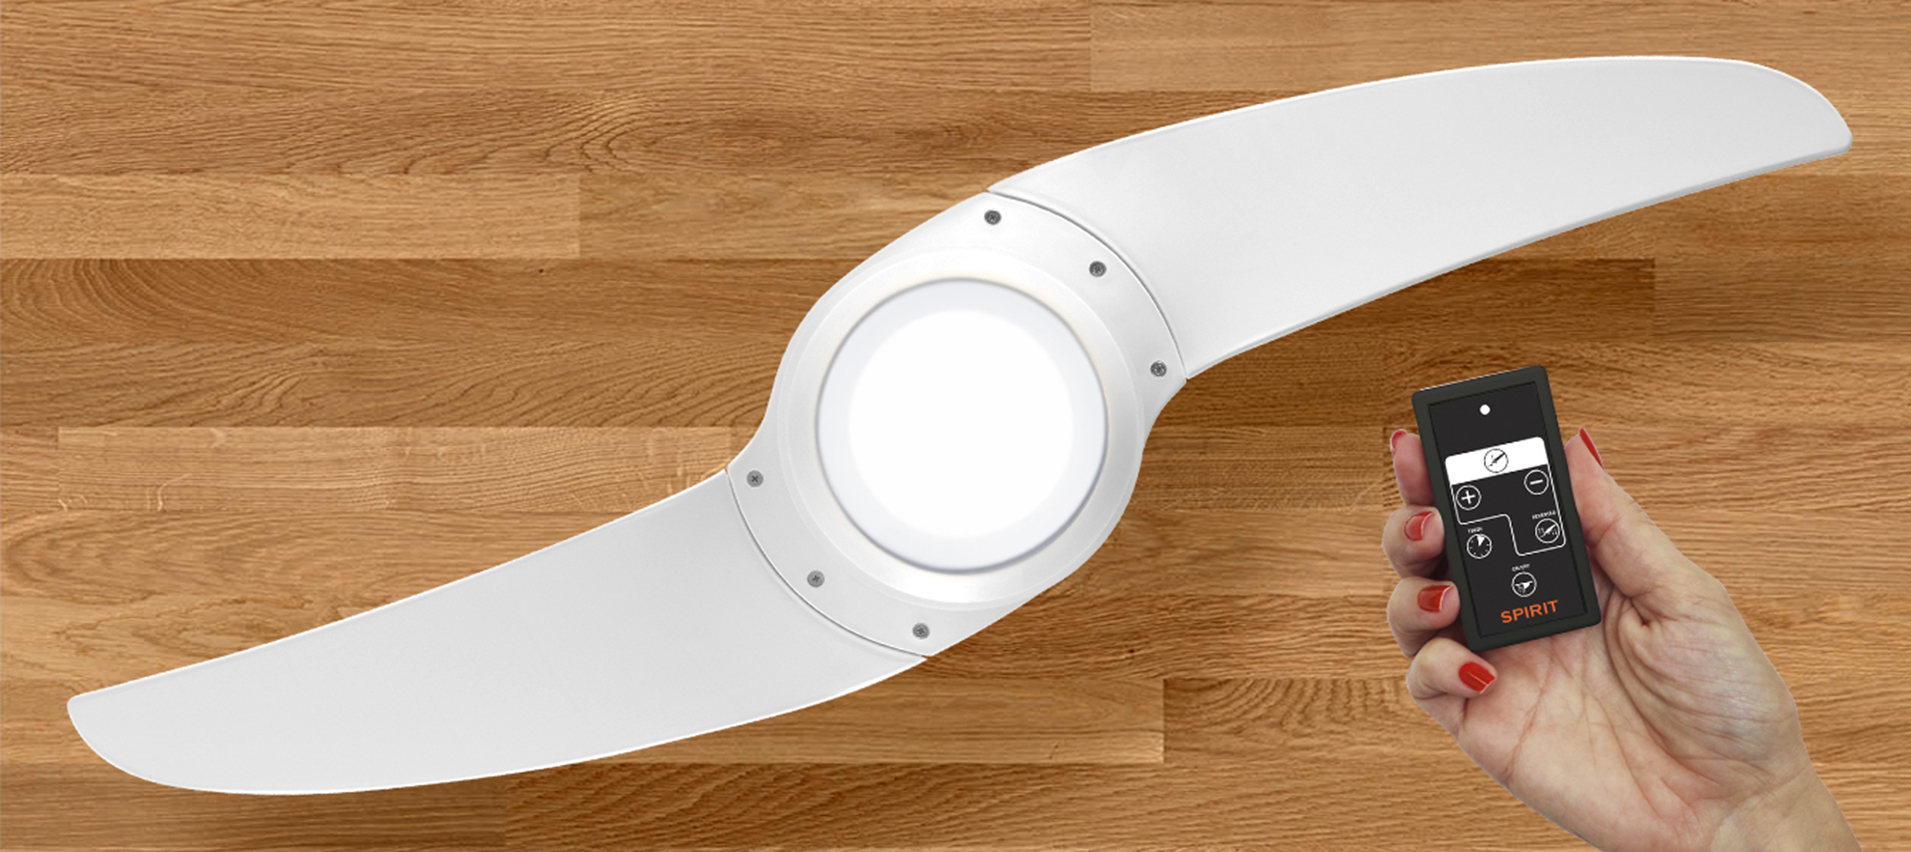 Ventiladores e luminárias Spirit - Blog Myspirit - controle remoto do ventilador de teto